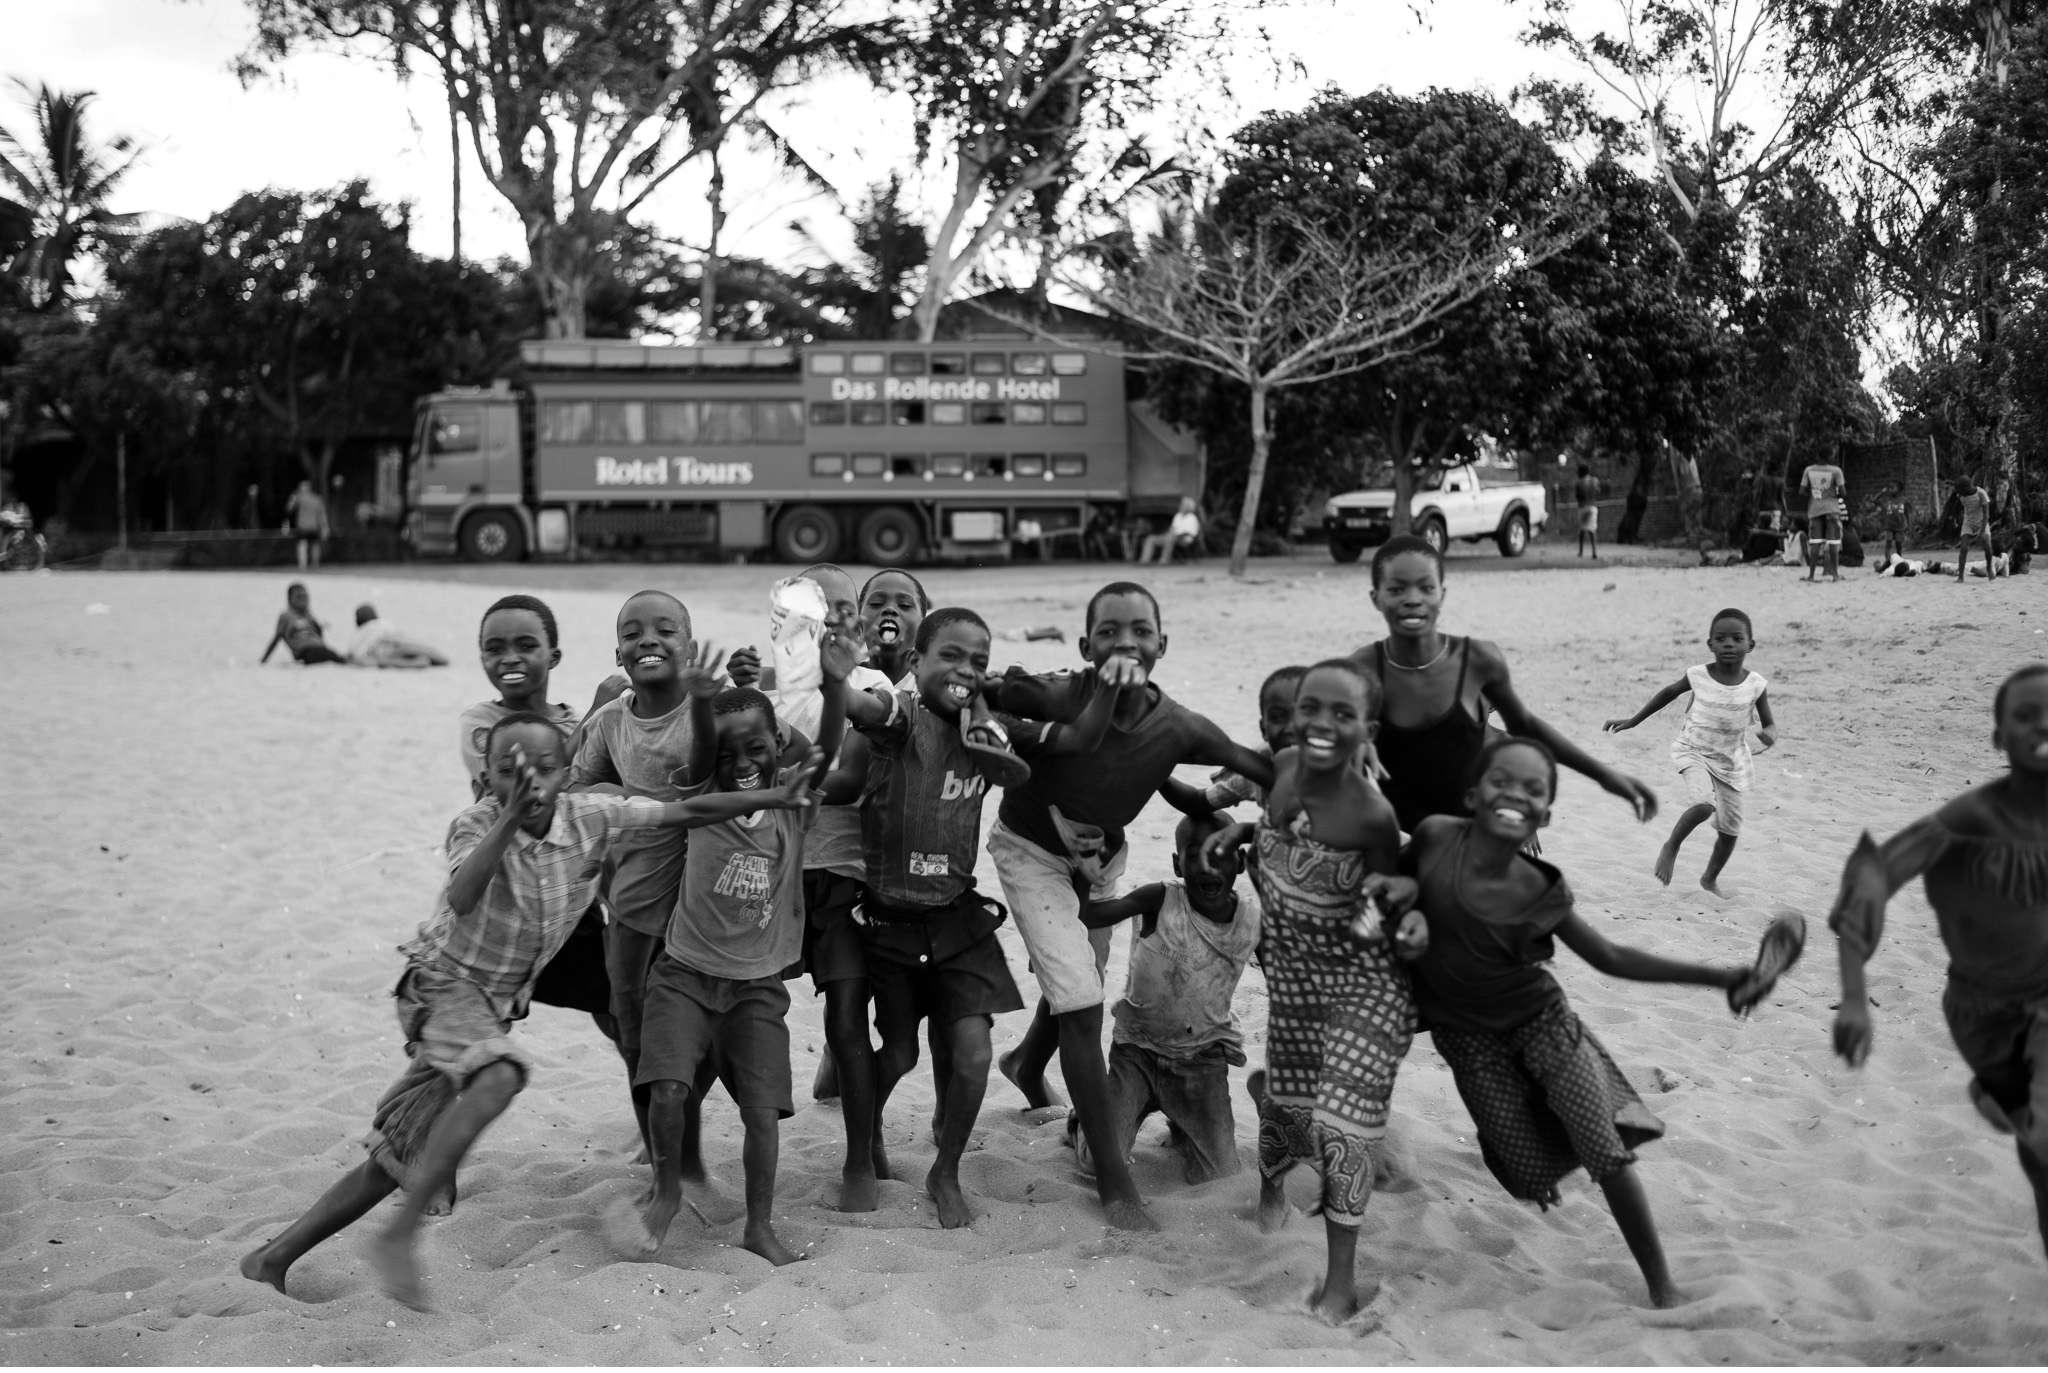 Malawi-Quer durch Afrika- Geschichten von unterwegs by Marion and Daniel-86